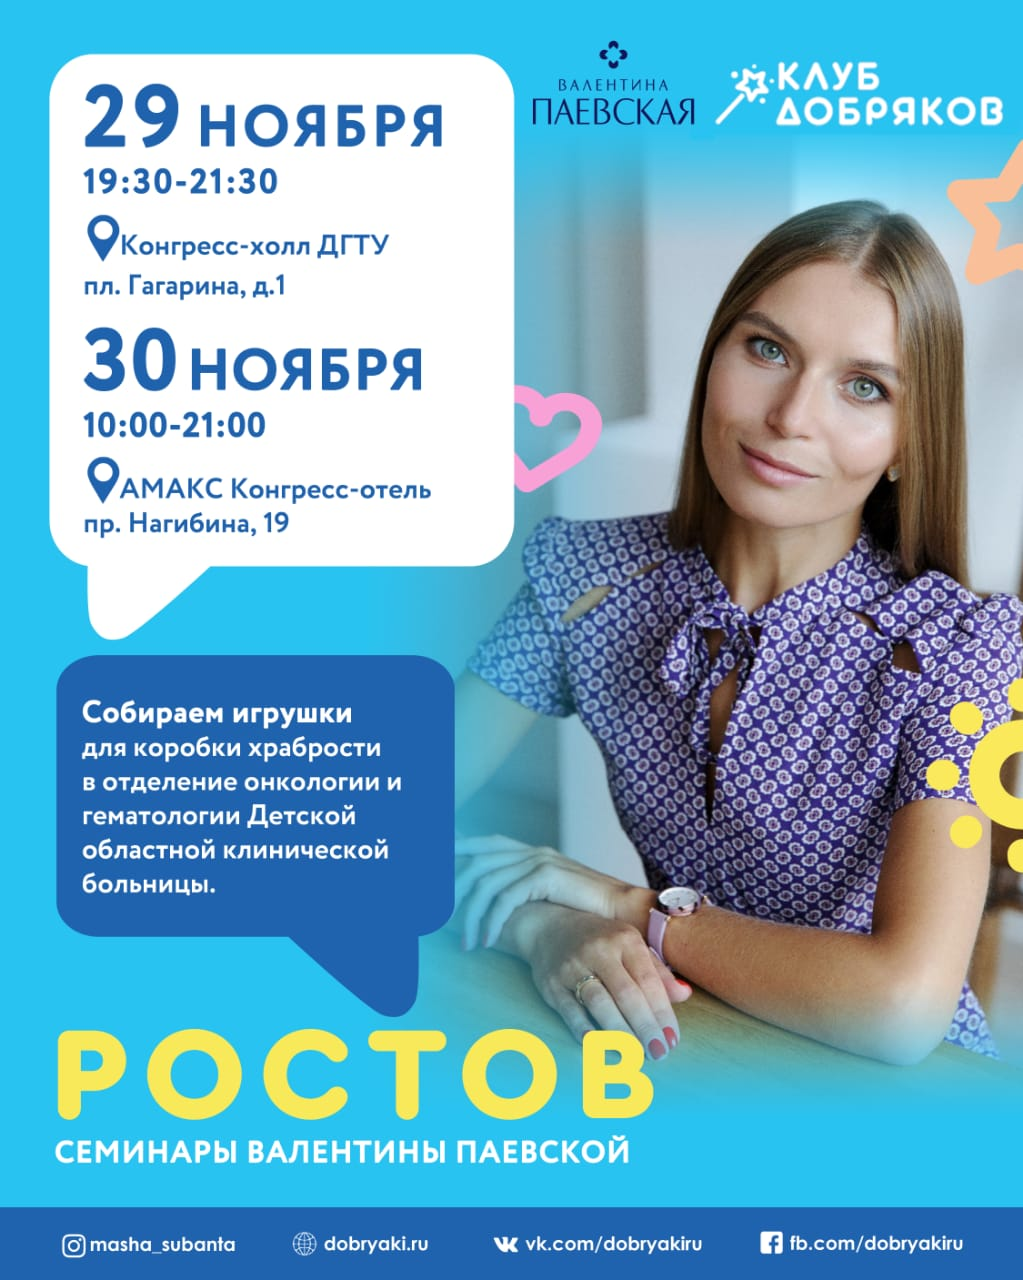 Добряки соберут игрушки для коробки храбрости на семинарах Паевской в Ростове